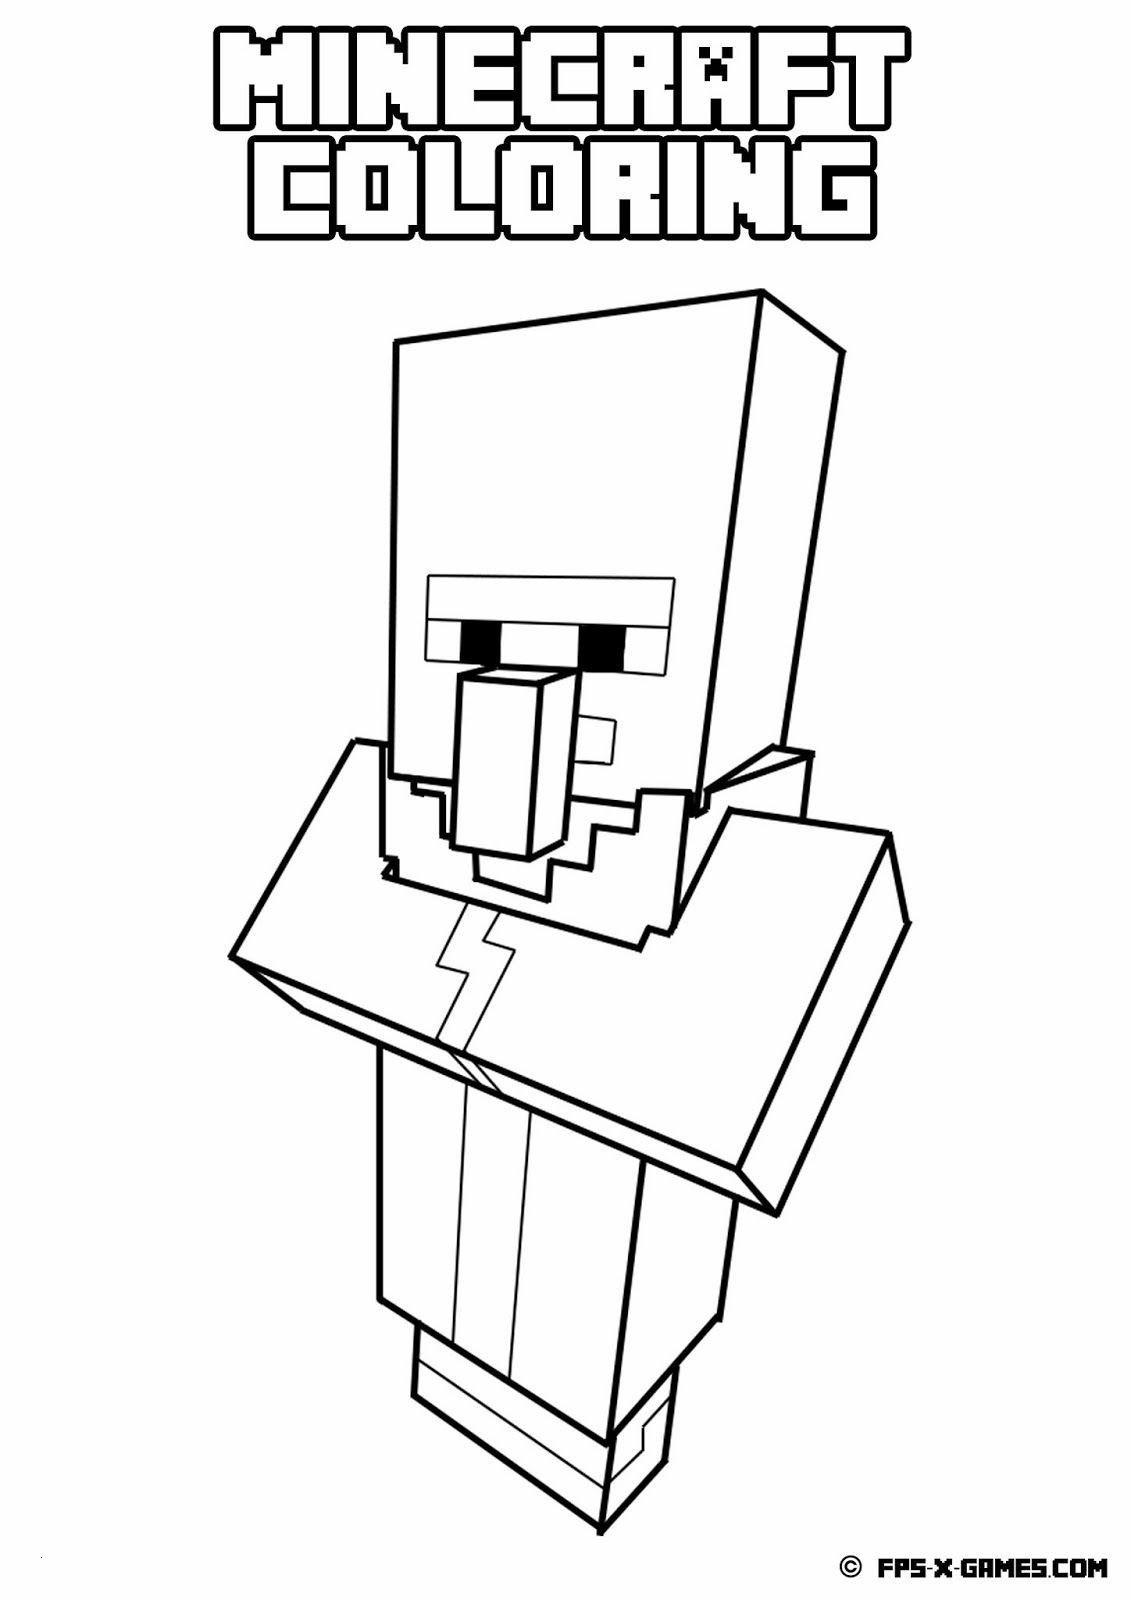 Minecraft Bilder Zum Ausmalen Neu Minecraft Ausmalbilder Skins Uploadertalk Schön Minecraft Das Bild